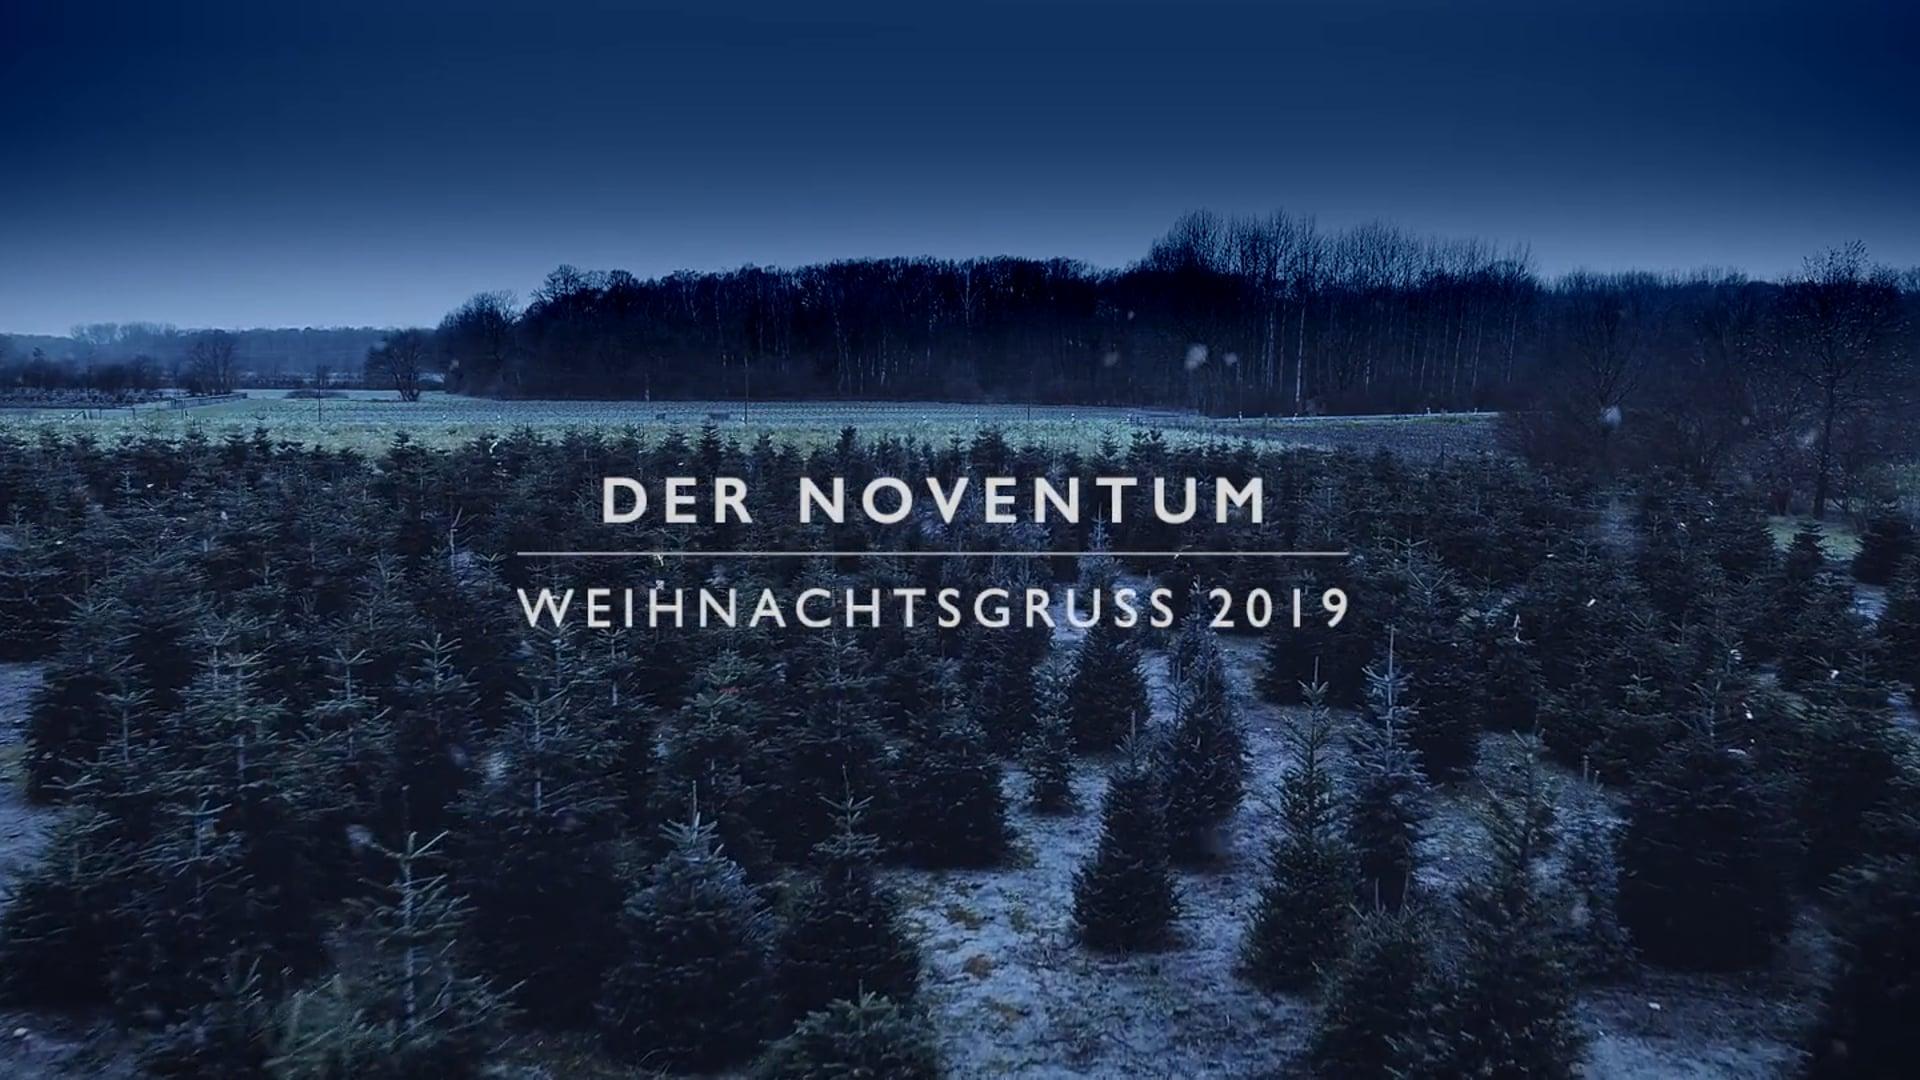 Noventum Weihnachtsgrüße 2019